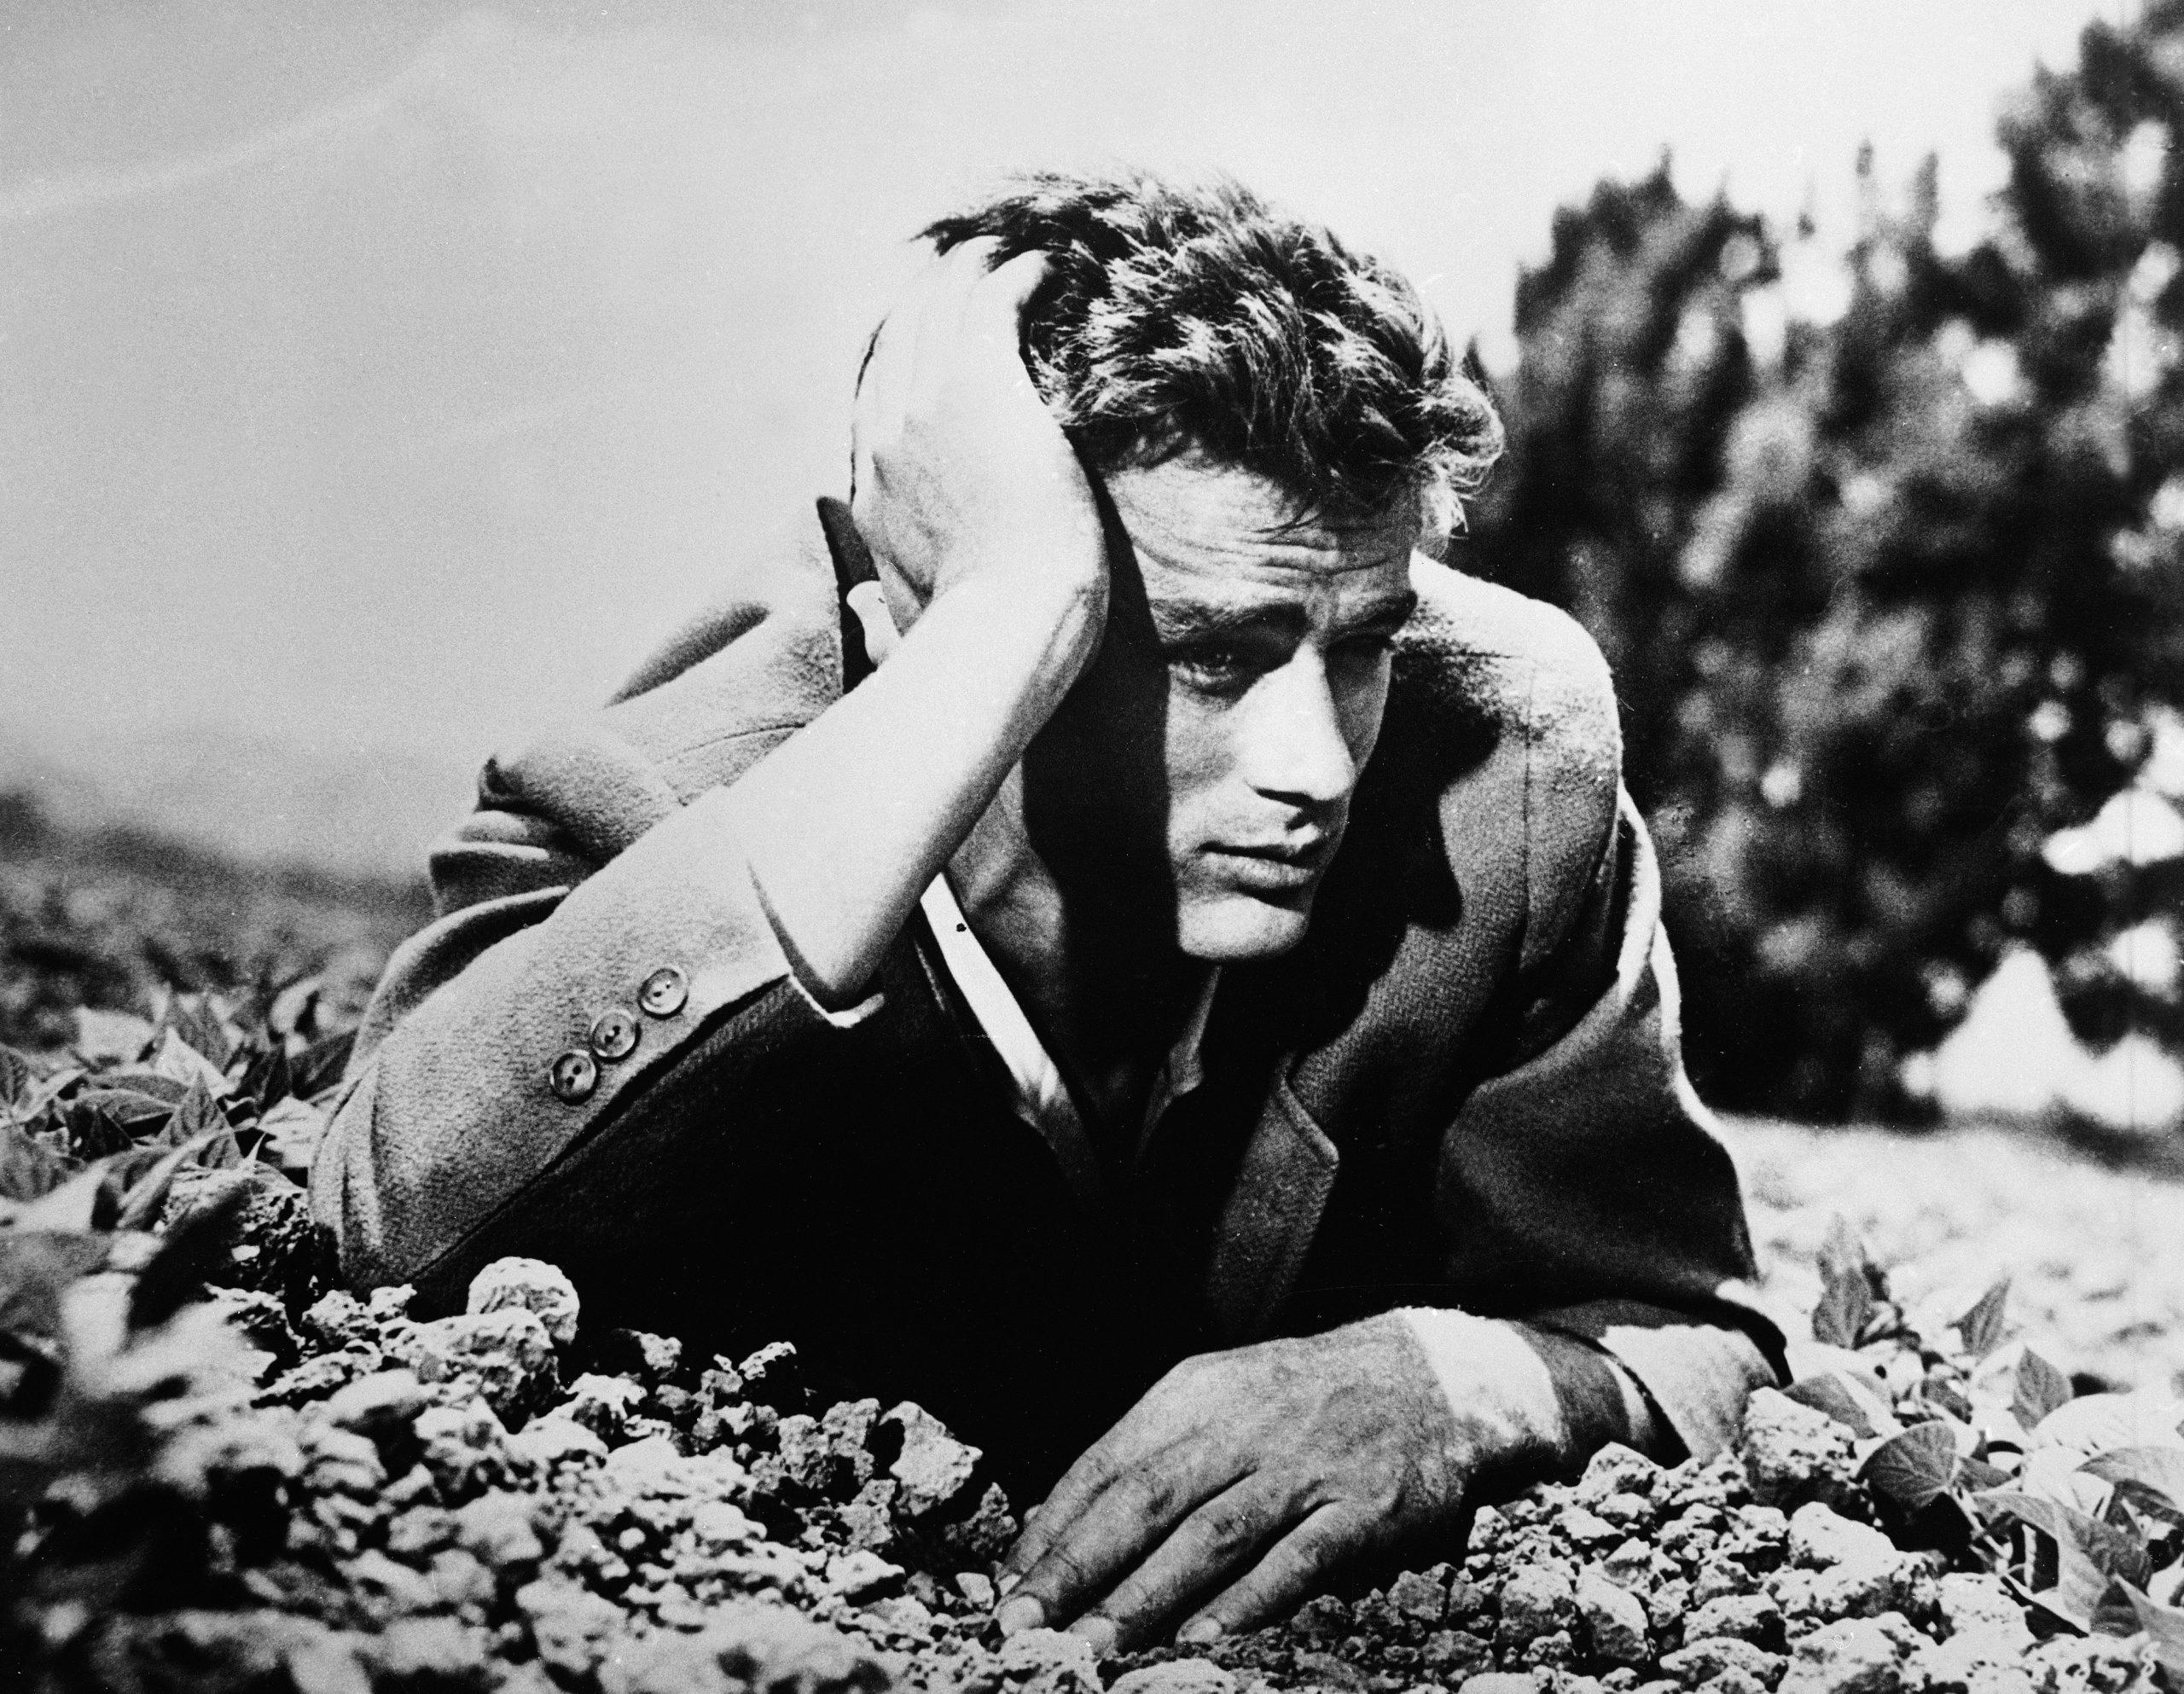 En la imagen, el actor James Dean trajeado en los 50. /Foto: Hulton Archive Getty